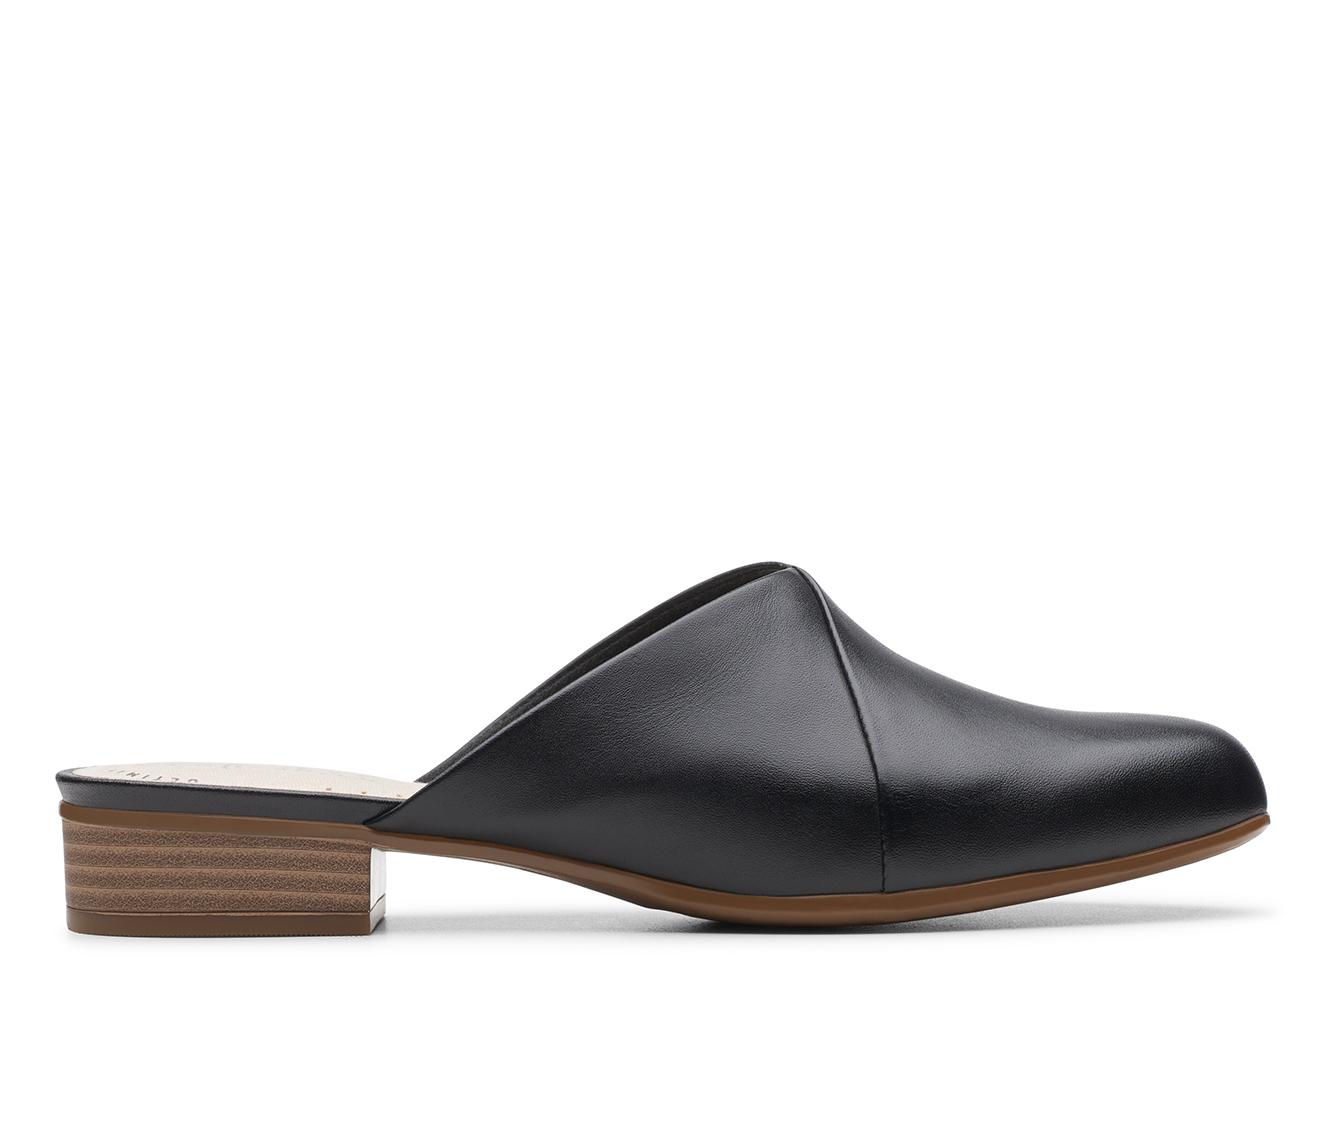 Clarks Juliet Willow Women's Shoe (Black Leather)